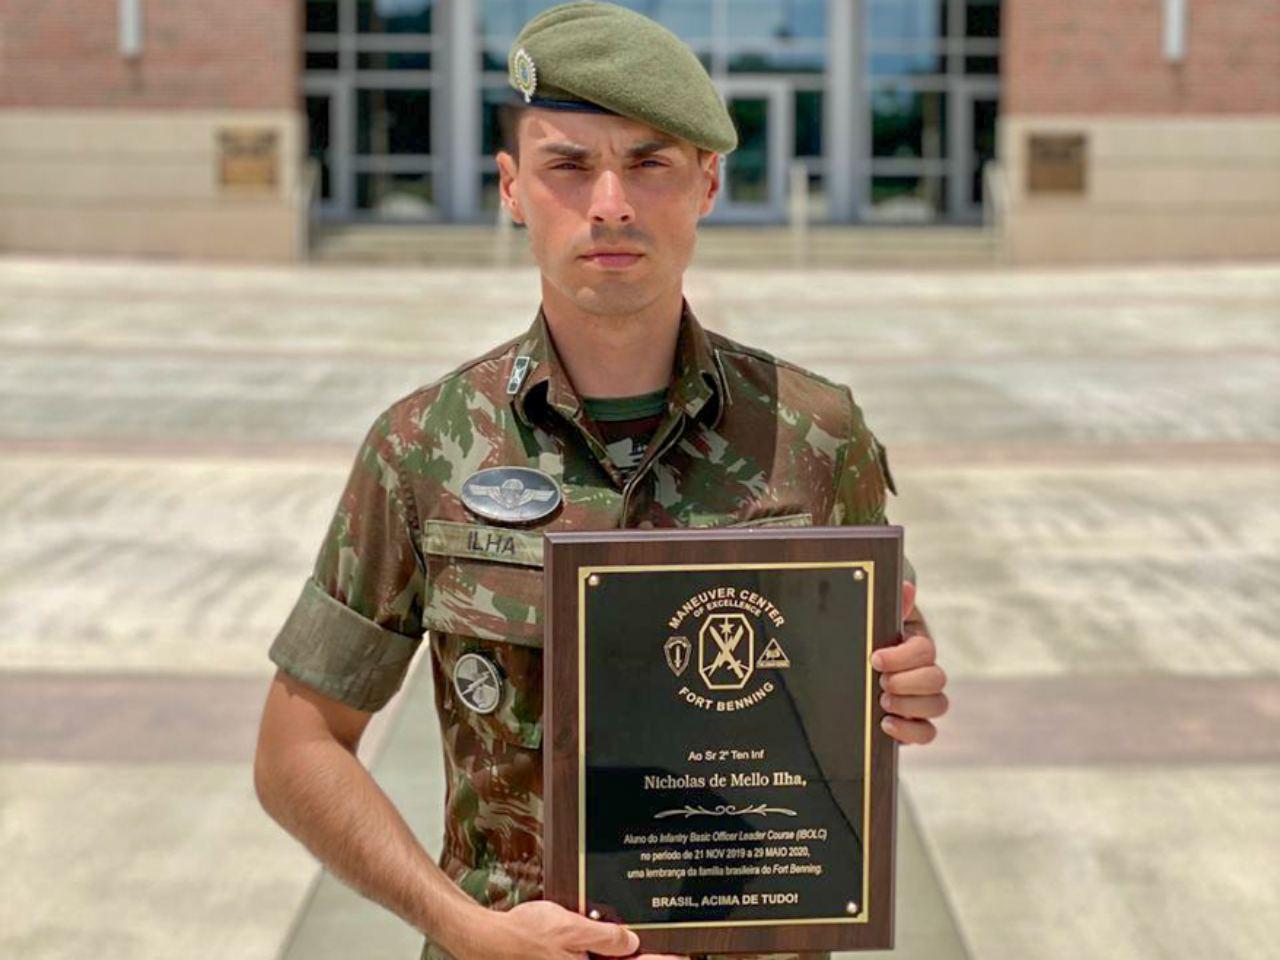 Oficial retorna ao Batalhão após curso no exército dos Estados Unidos